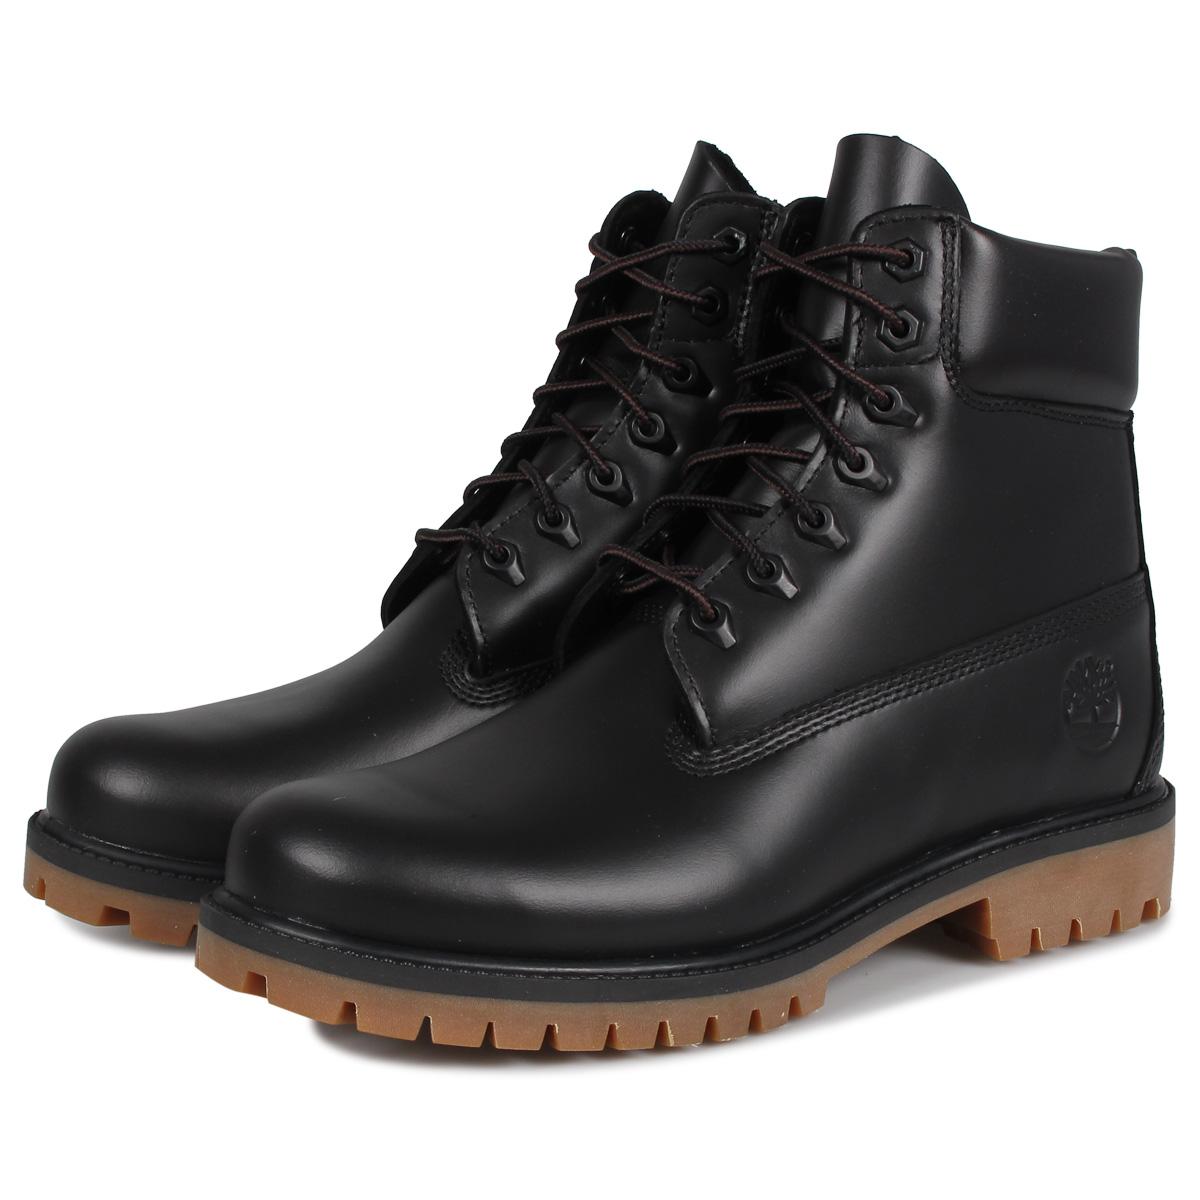 【最大2000円OFFクーポン】 Timberland 6INCH CLASSIC WATERPROOF BOOT ティンバーランド ブーツ 6インチ クラシック メンズ ウォータープルーフ ブラック 黒 A22WK